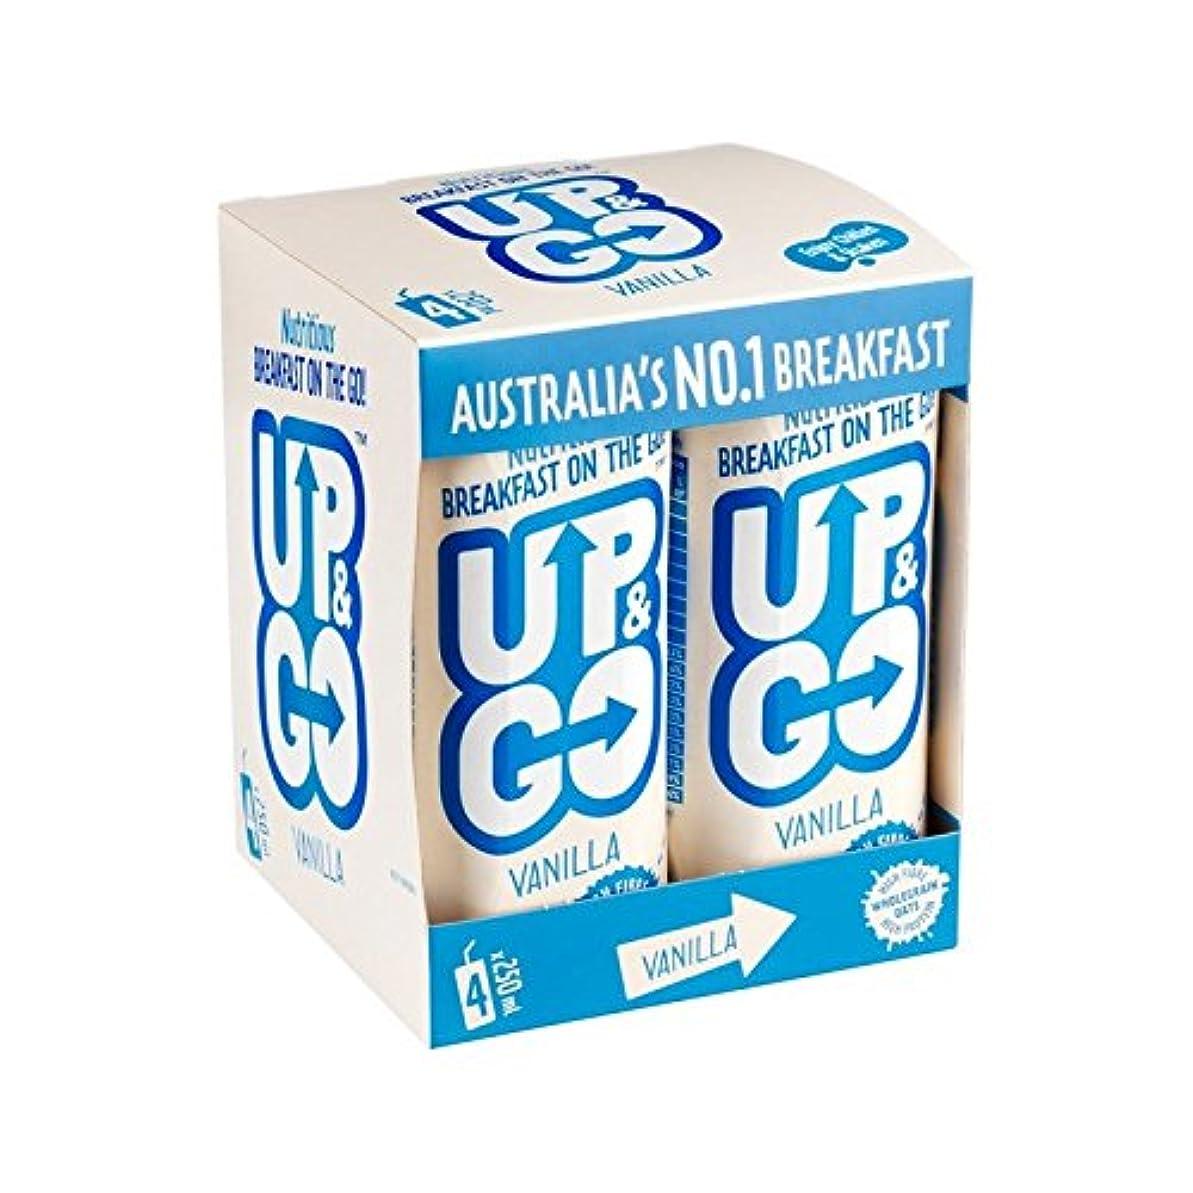 アクティブ望ましい特異なオート麦4×250ミリリットルとバニラ朝食ドリンク (Up&Go) (x 2) - Up&Go Vanilla Breakfast Drink with Oats 4 x 250ml (Pack of 2) [並行輸入品]